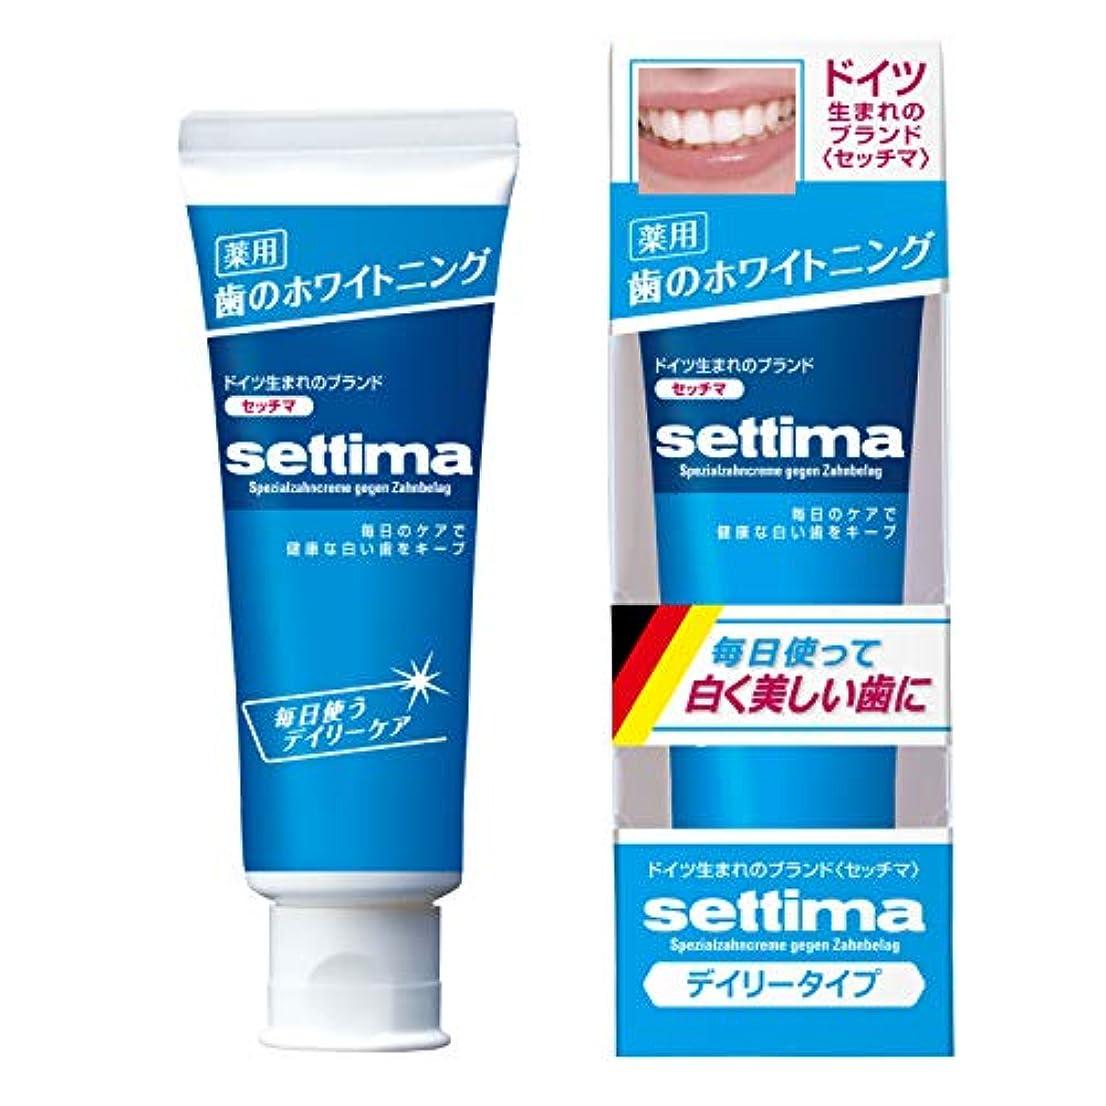 ドキドキ支給鉱夫[医薬部外品] settima(セッチマ) ホワイトニング 歯みがき デイリーケア [ファインミントタイプ] <ステインケア タバコのヤニ取り フッ素配合 虫歯予防> 80g